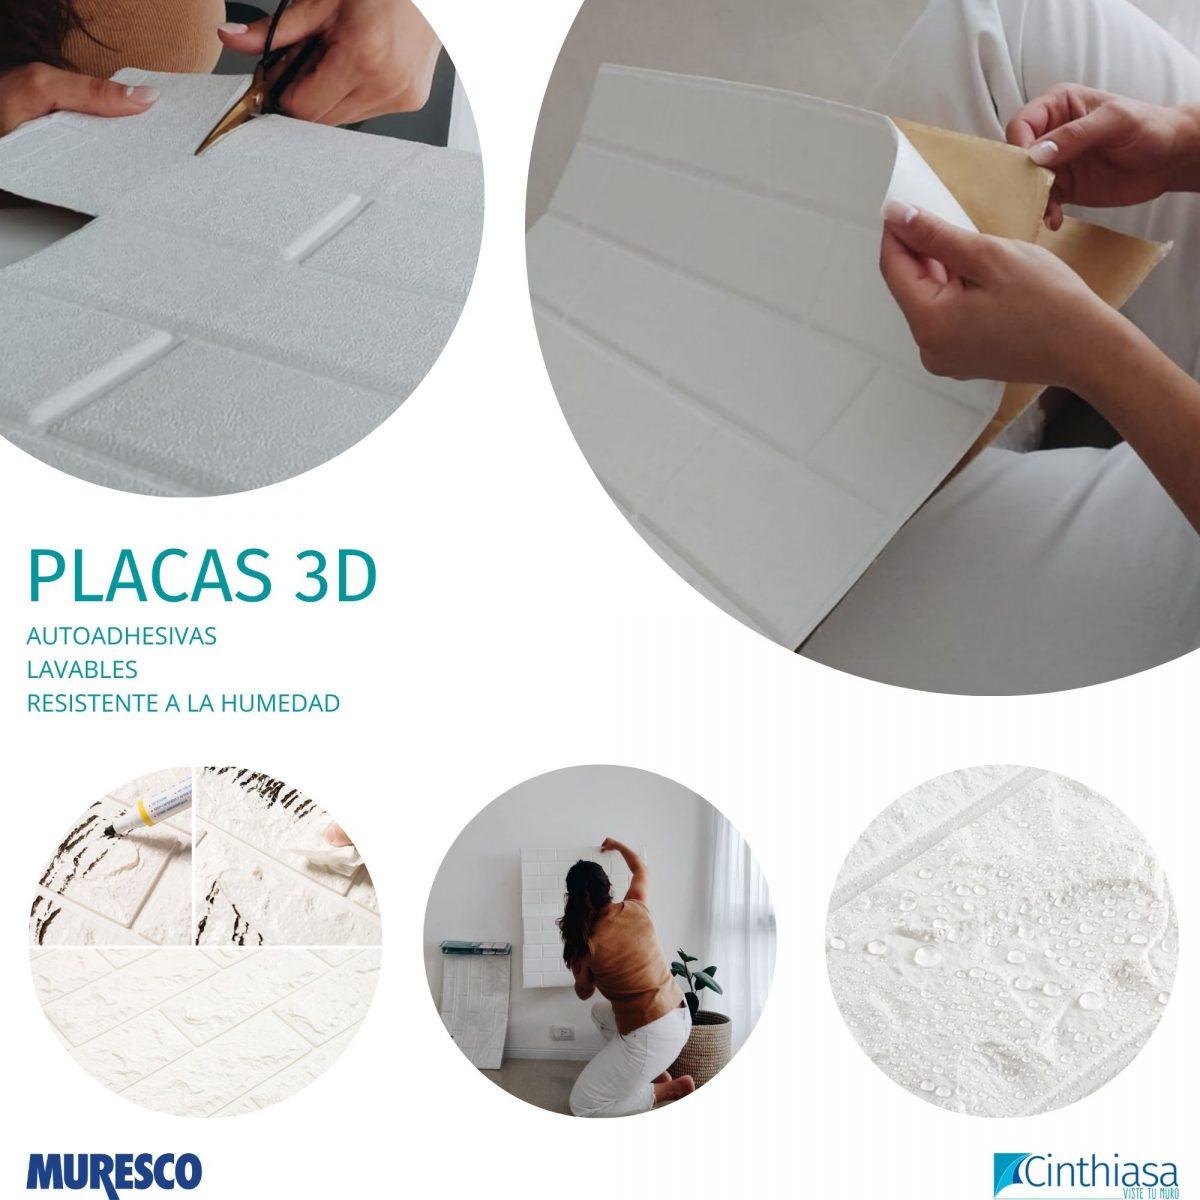 Placas 3 D